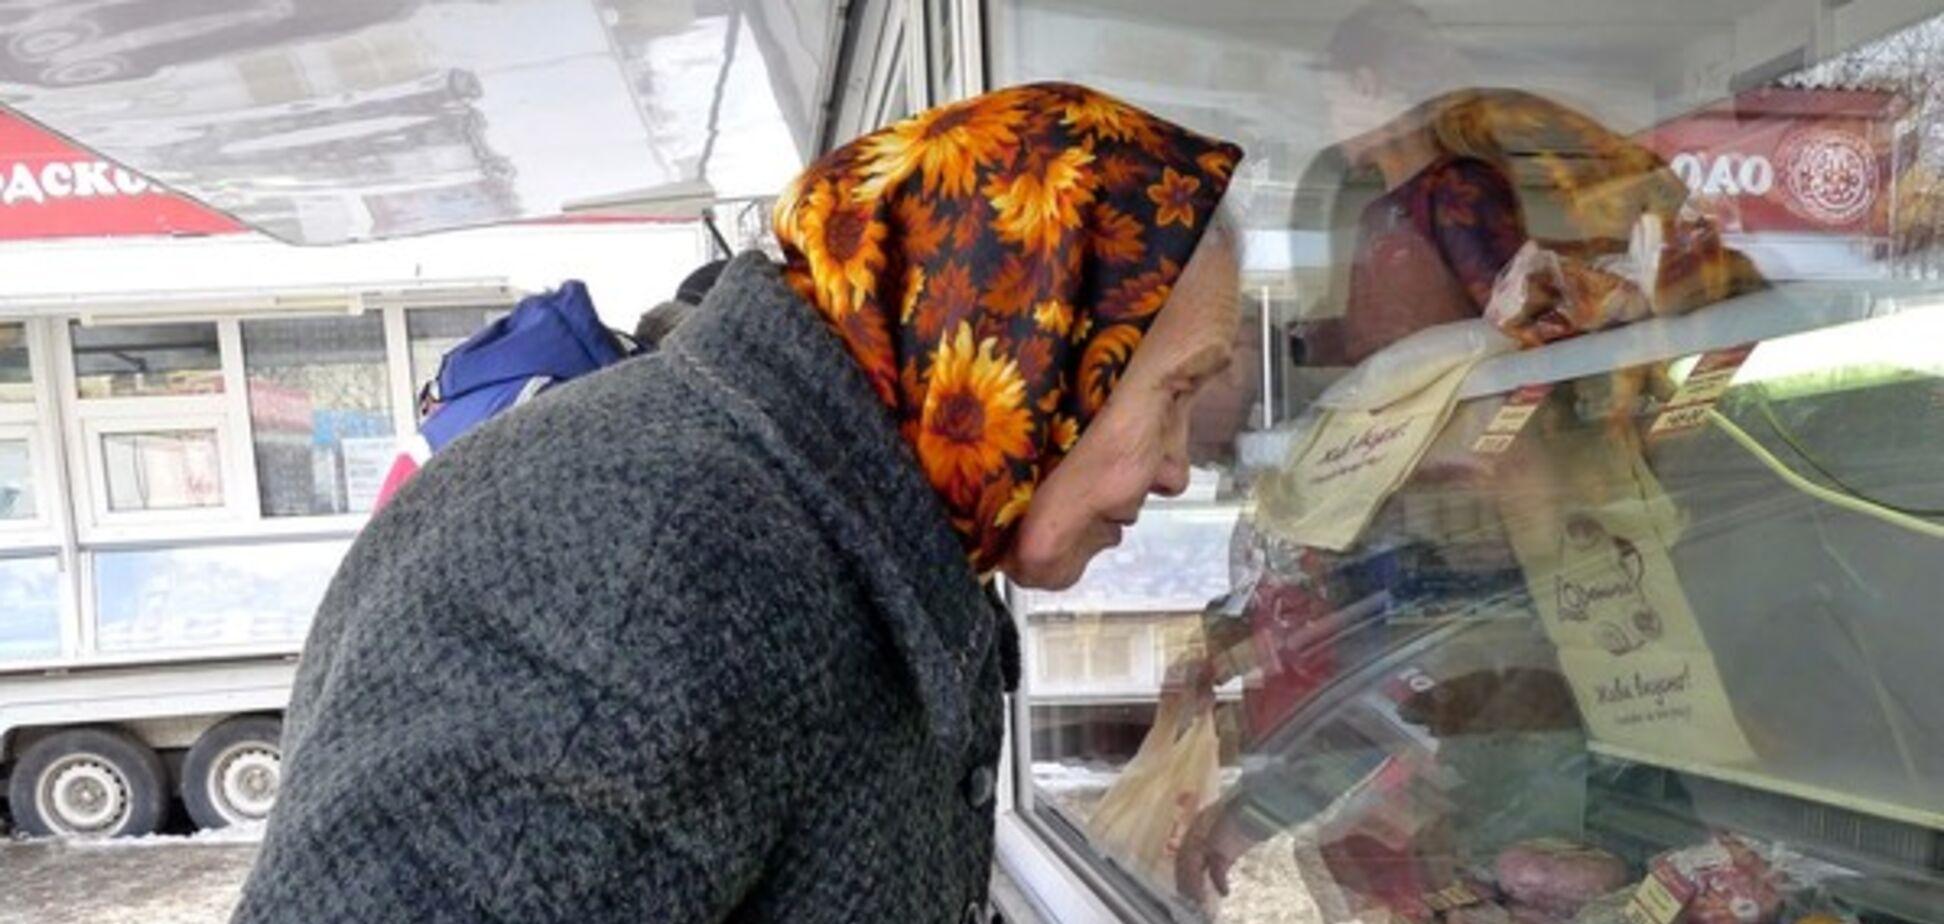 Пенсіонери в Україні вже отримали першу фінансову допомогу - Лазебная